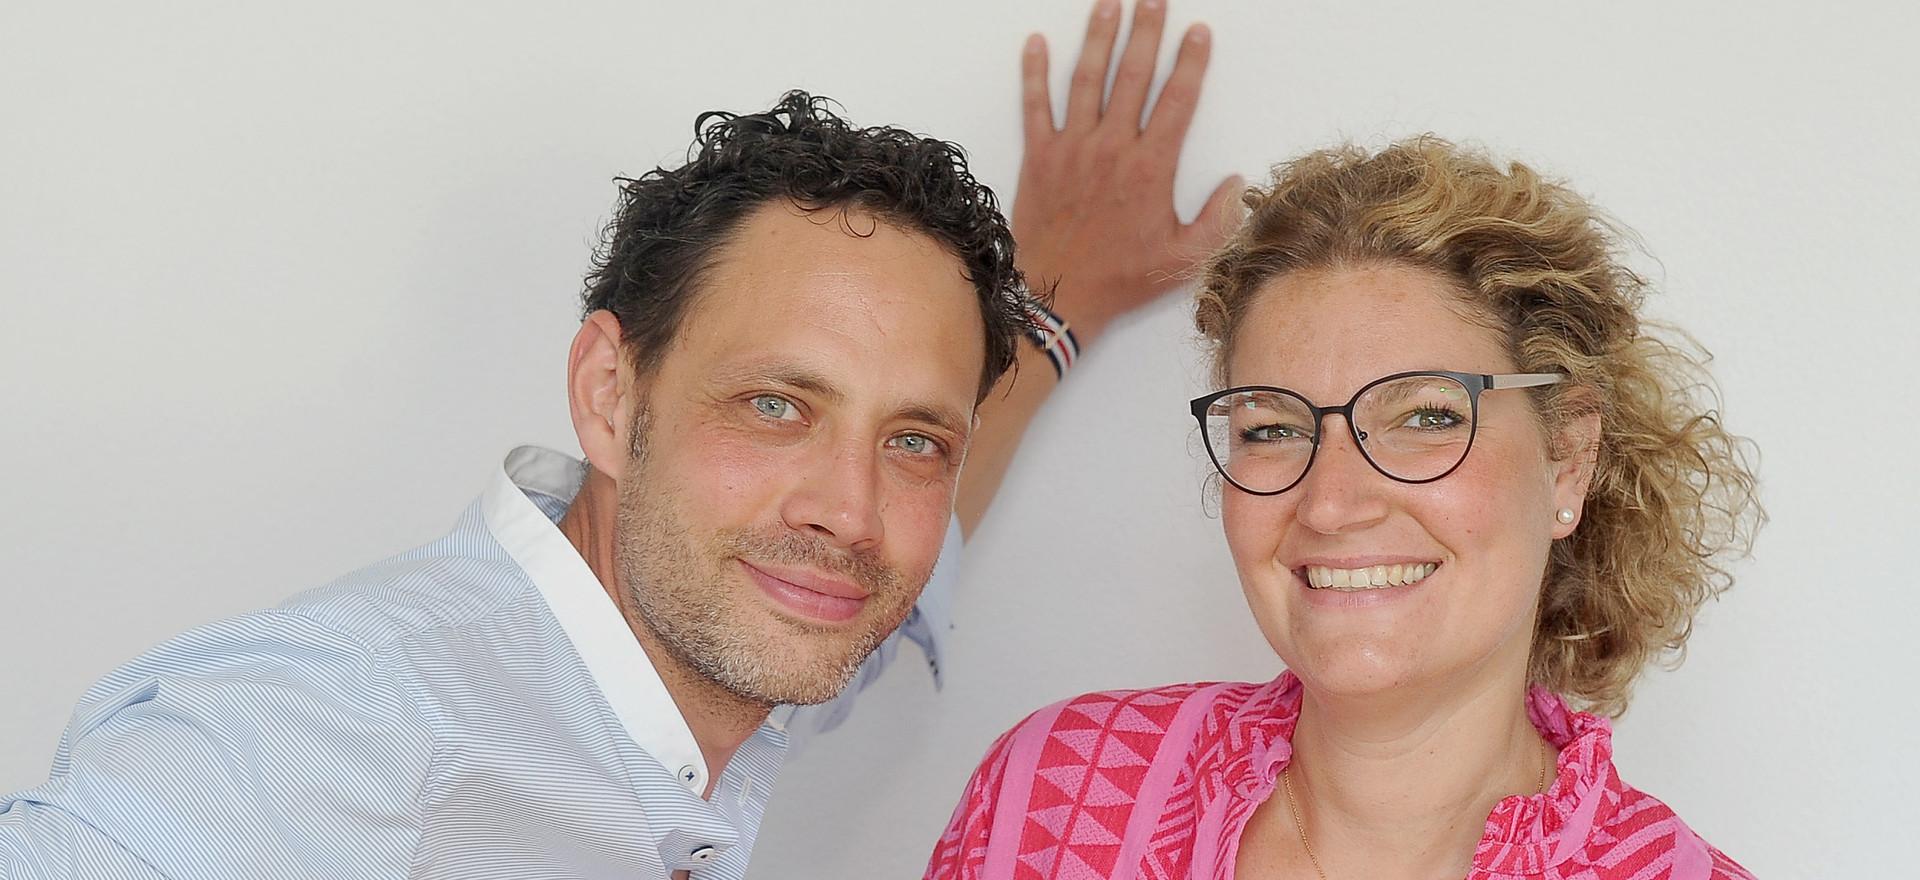 Katharina und Marcel Wiedenmann – Sankt Annagarten, Biologisches Weingut in 3. Generation